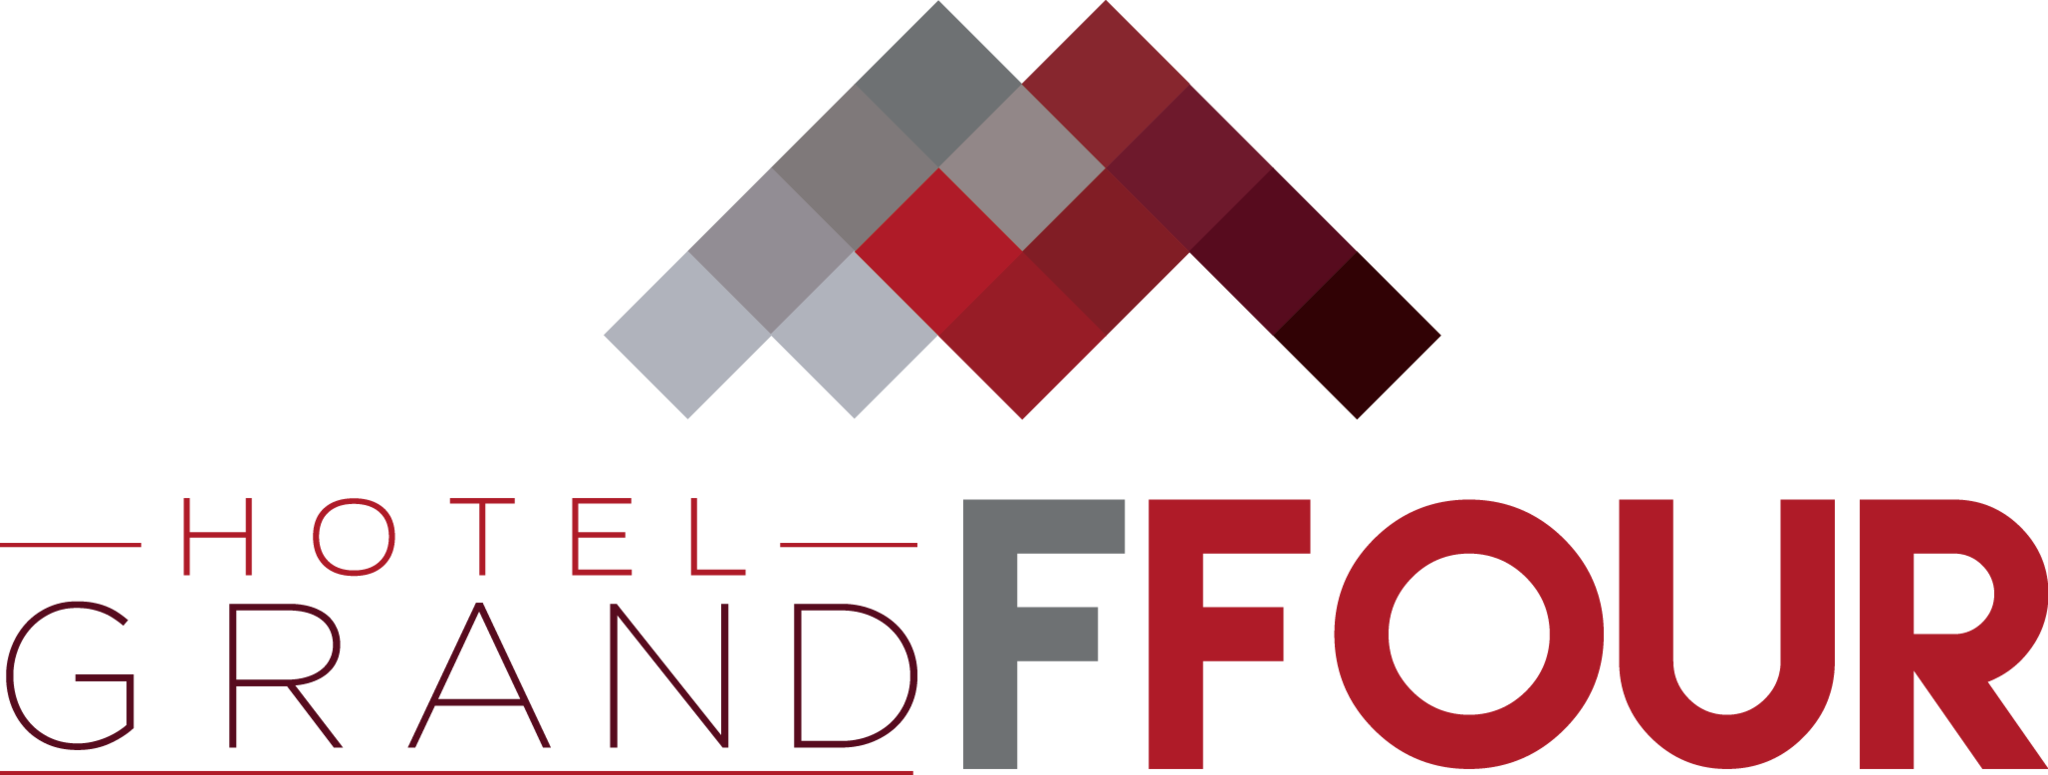 Grand Ffour